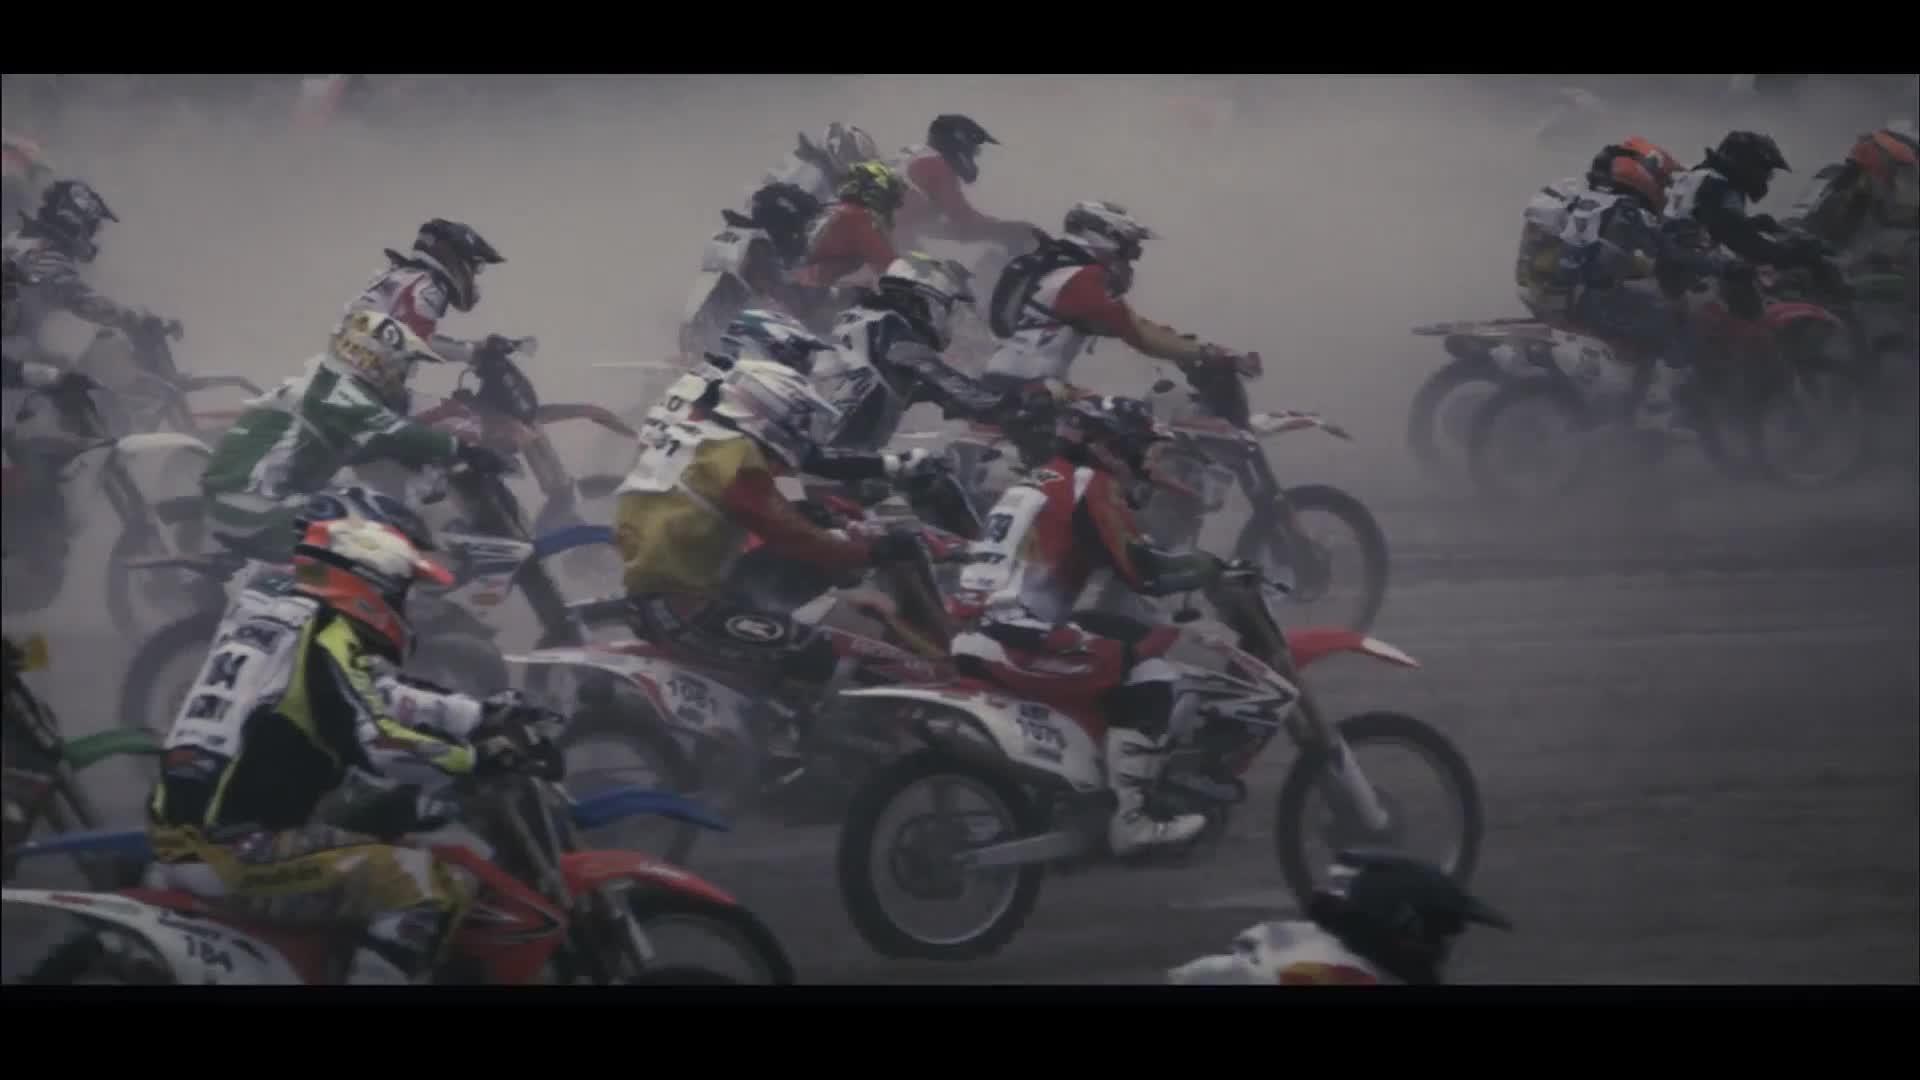 honda motorcycles the centaur    HD Wallpaper